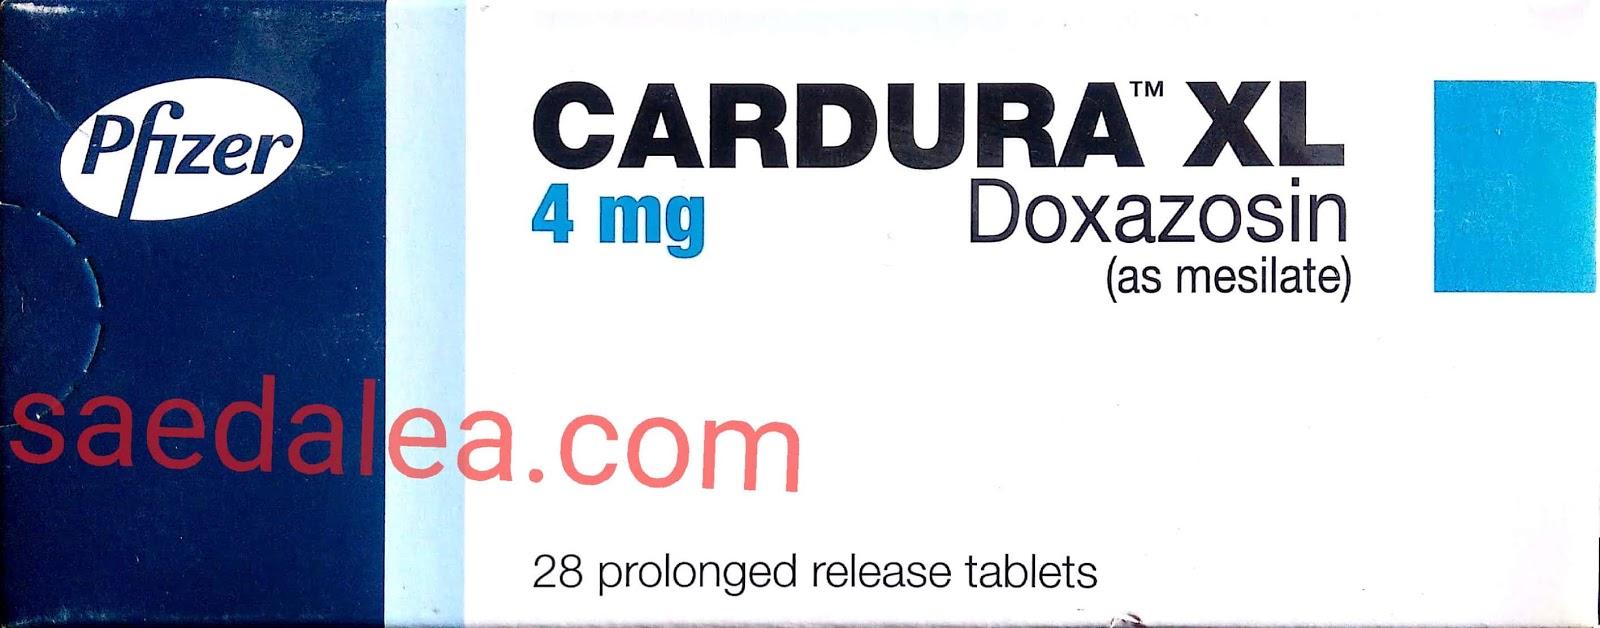 کاردور إكس إل لعلاج ارتفاع ضغط الدم ولتضخم البروستاتا   CARDURA XL  tablets